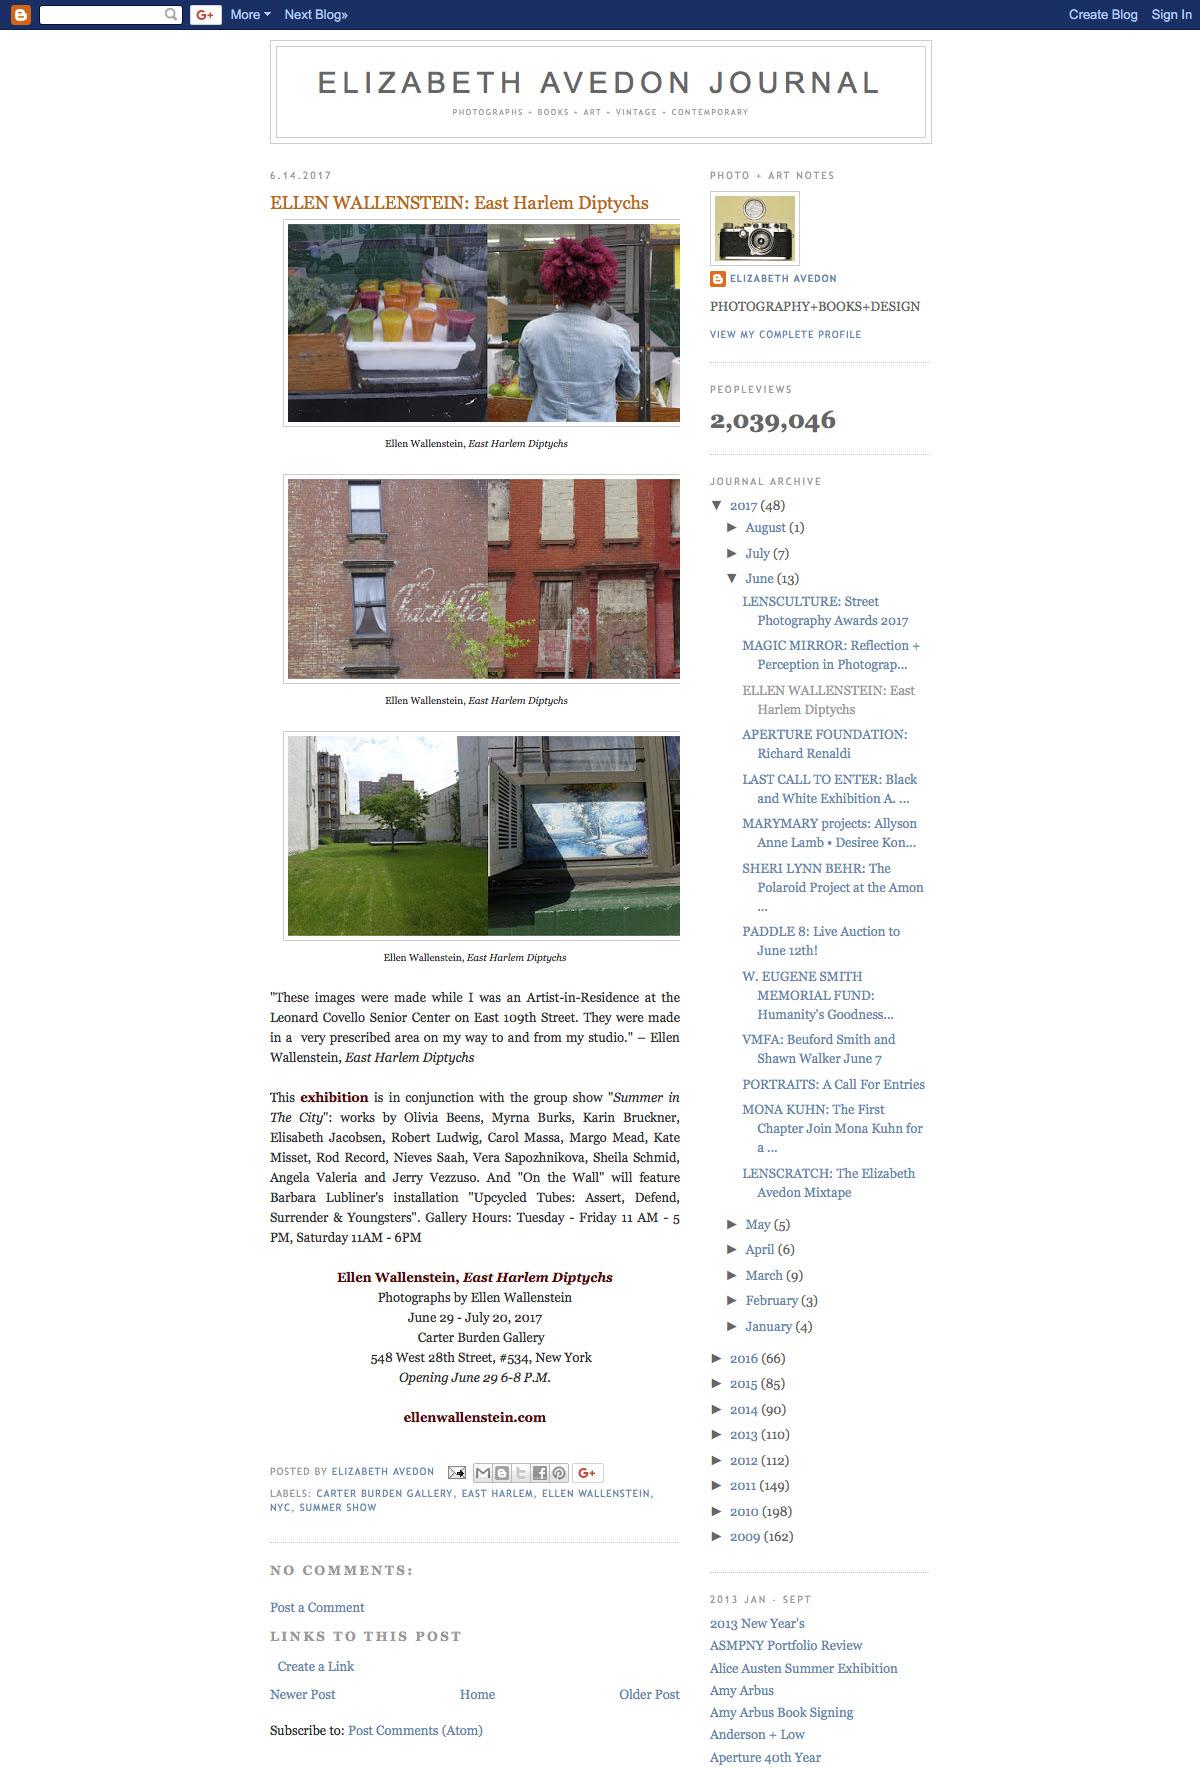 20170614 ELIZABETH AVEDON JOURNAL-ELLEN WALLENSTEIN-East Harlem Diptychs (2017-08-18 22-30-22).jpg